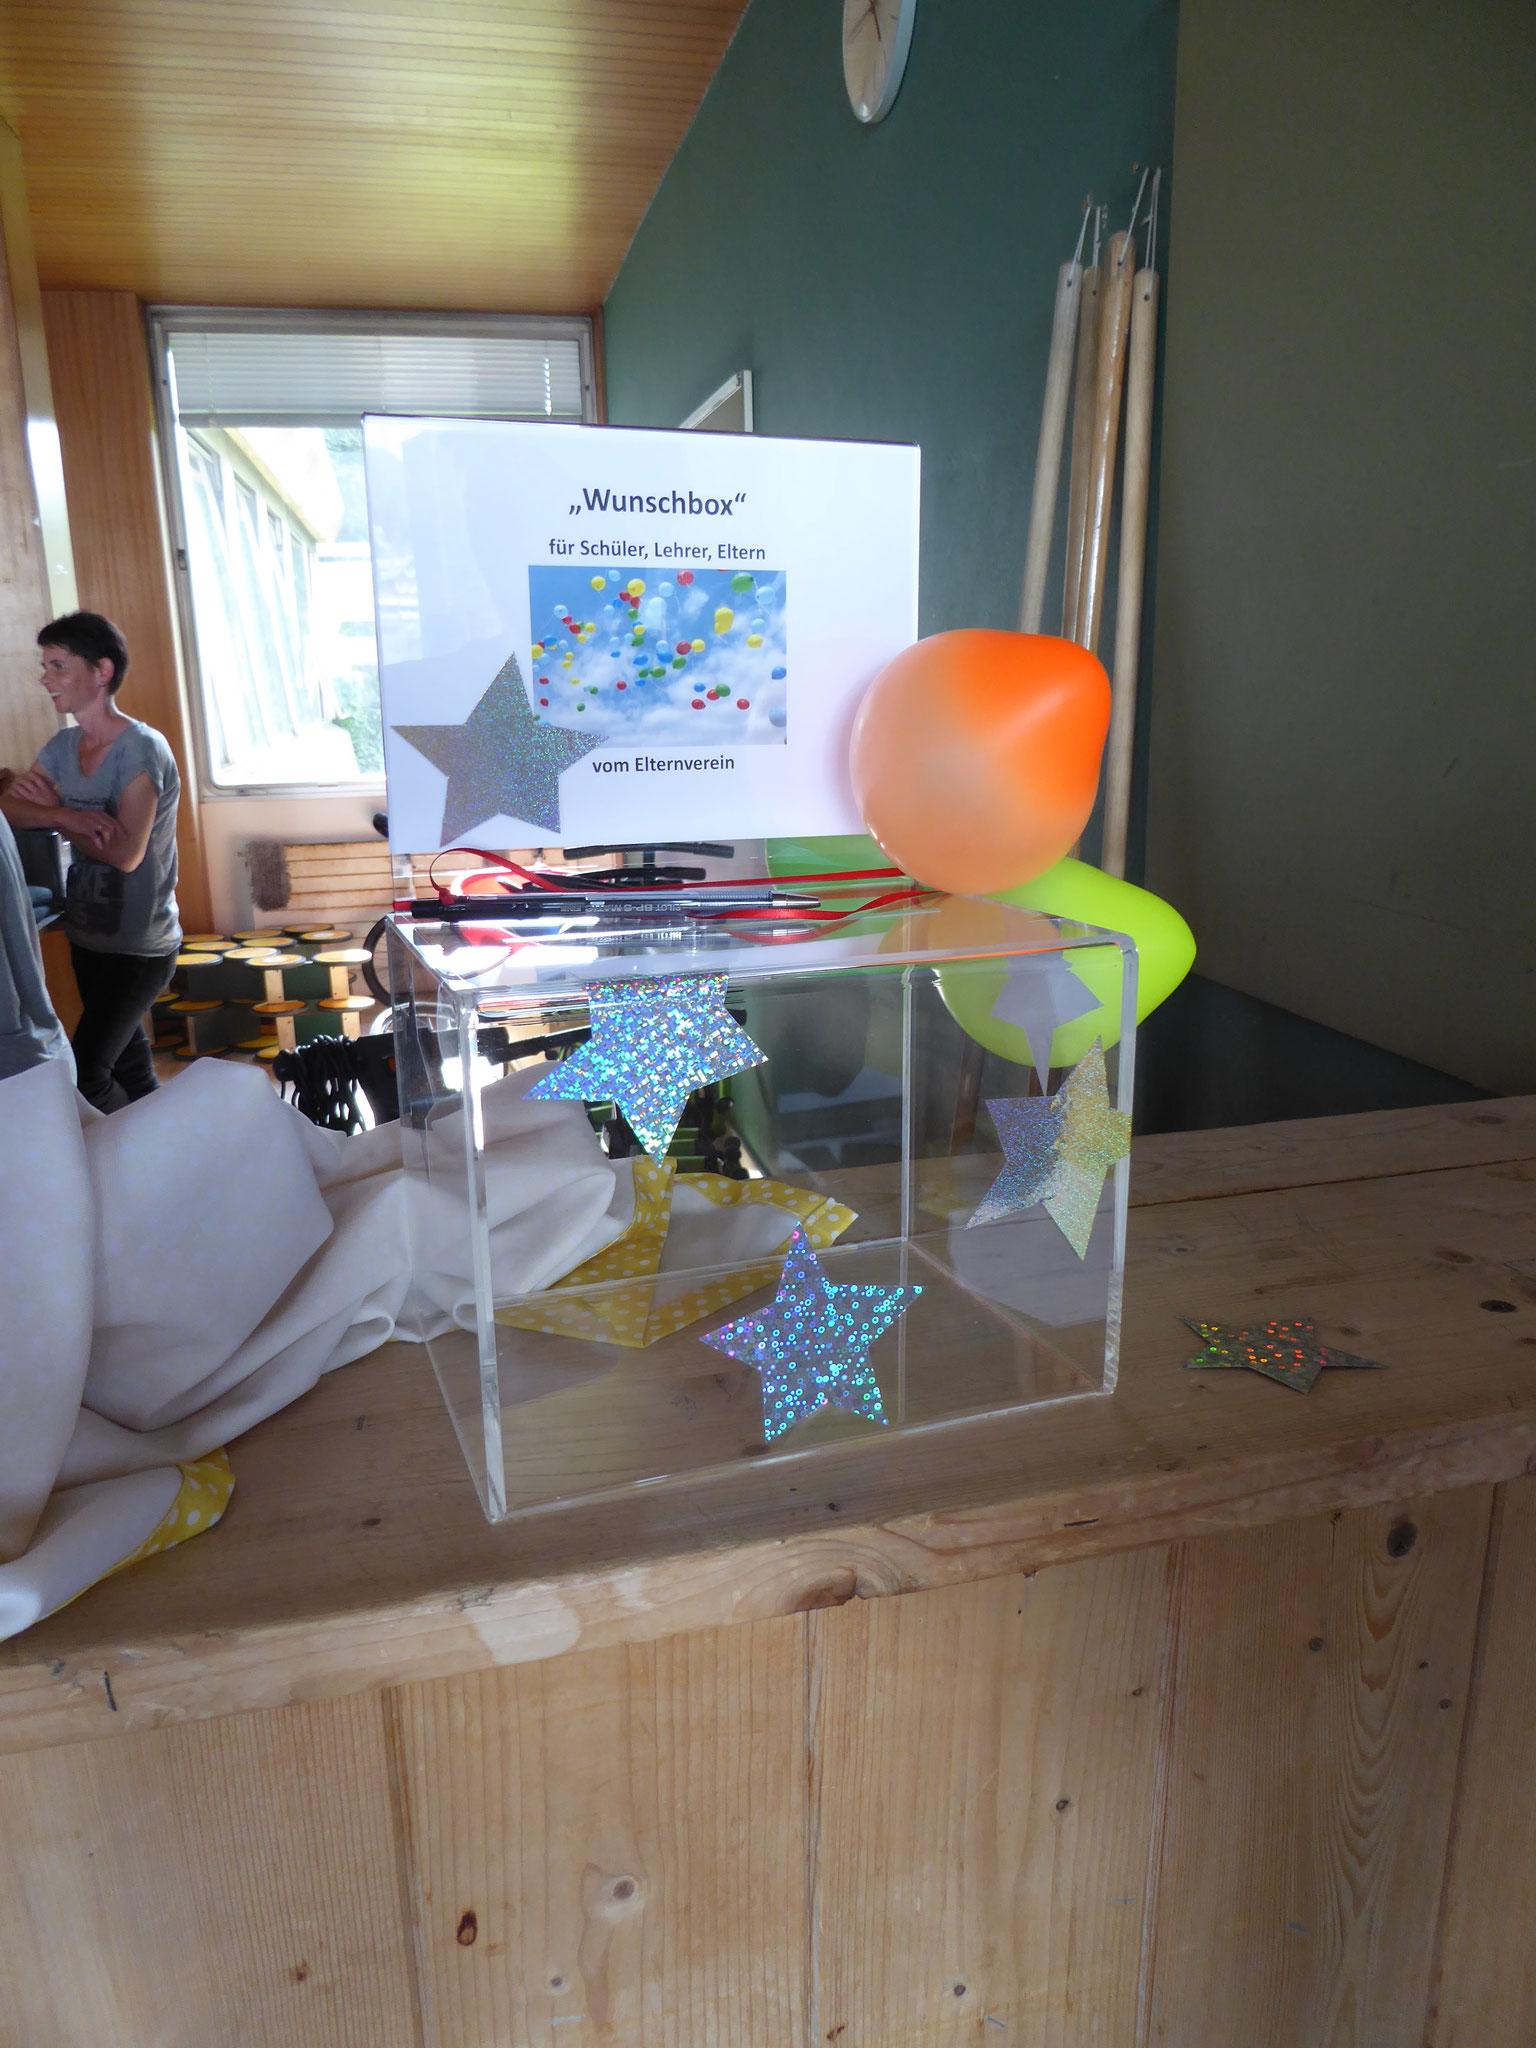 Überraschung - Wunschbox - für Schüler, Lehrer, Eltern